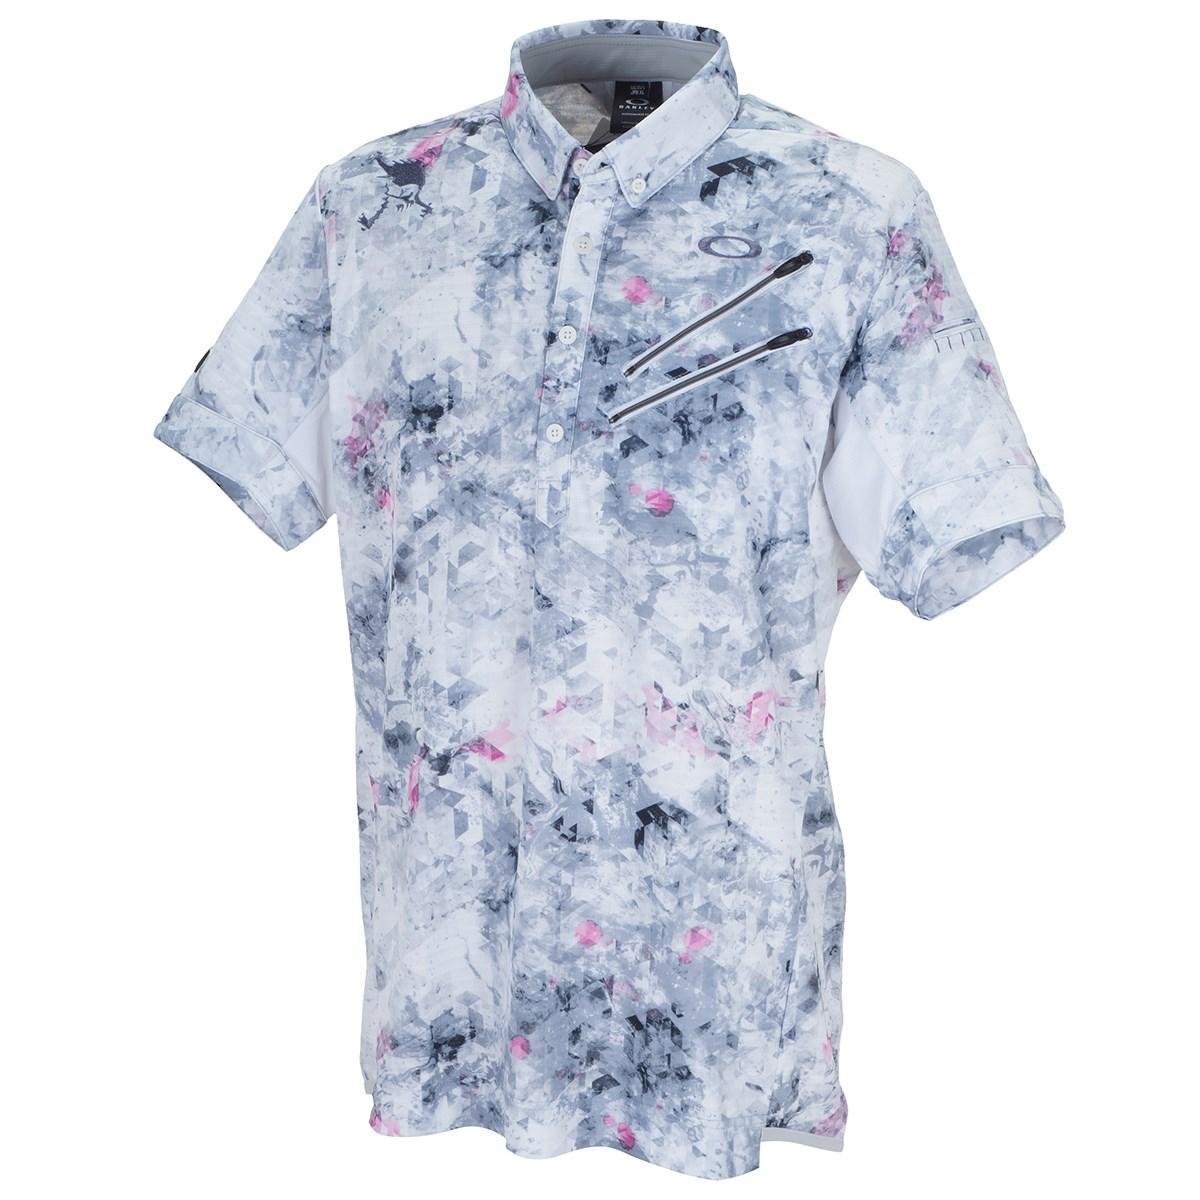 オークリー(OAKLEY) スカル Aberration 半袖ポロシャツ